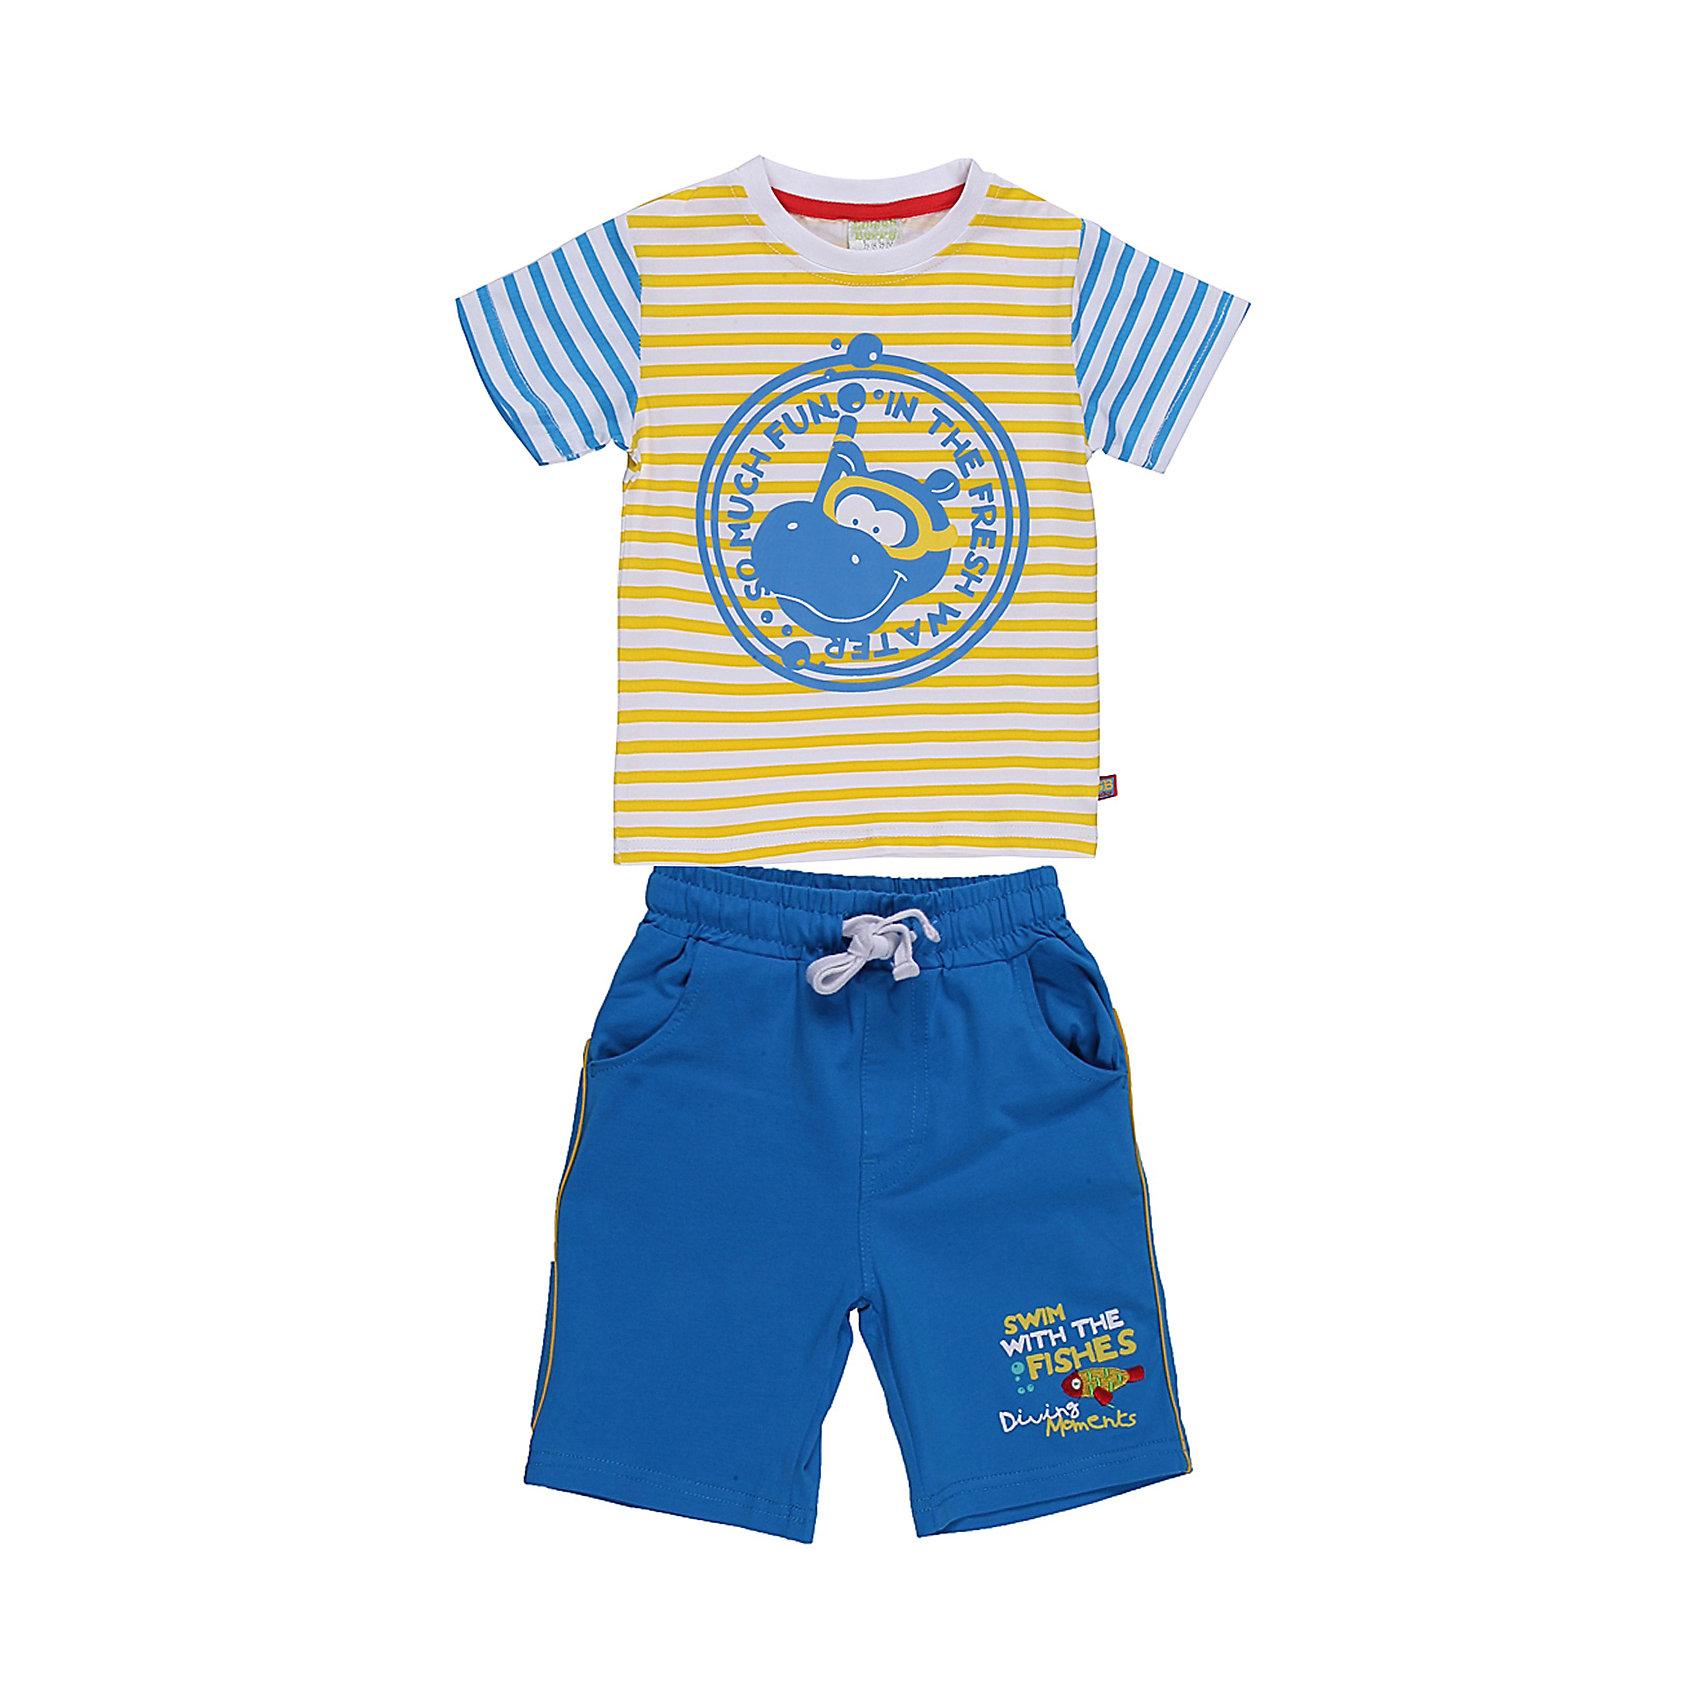 Комплект для мальчика: футболка и шорты Sweet BerryЛетний комплект футболка и шорты для мальчика. Шорты на эластичном поясе с внутренней резинкой и дополнительным хлопковым шнурком. Футболка и шорты украшены веселым принтом.<br>Состав:<br>95% хлопок 5% эластан<br><br>Ширина мм: 199<br>Глубина мм: 10<br>Высота мм: 161<br>Вес г: 151<br>Цвет: разноцветный<br>Возраст от месяцев: 9<br>Возраст до месяцев: 12<br>Пол: Мужской<br>Возраст: Детский<br>Размер: 80,98,92,86<br>SKU: 4522174